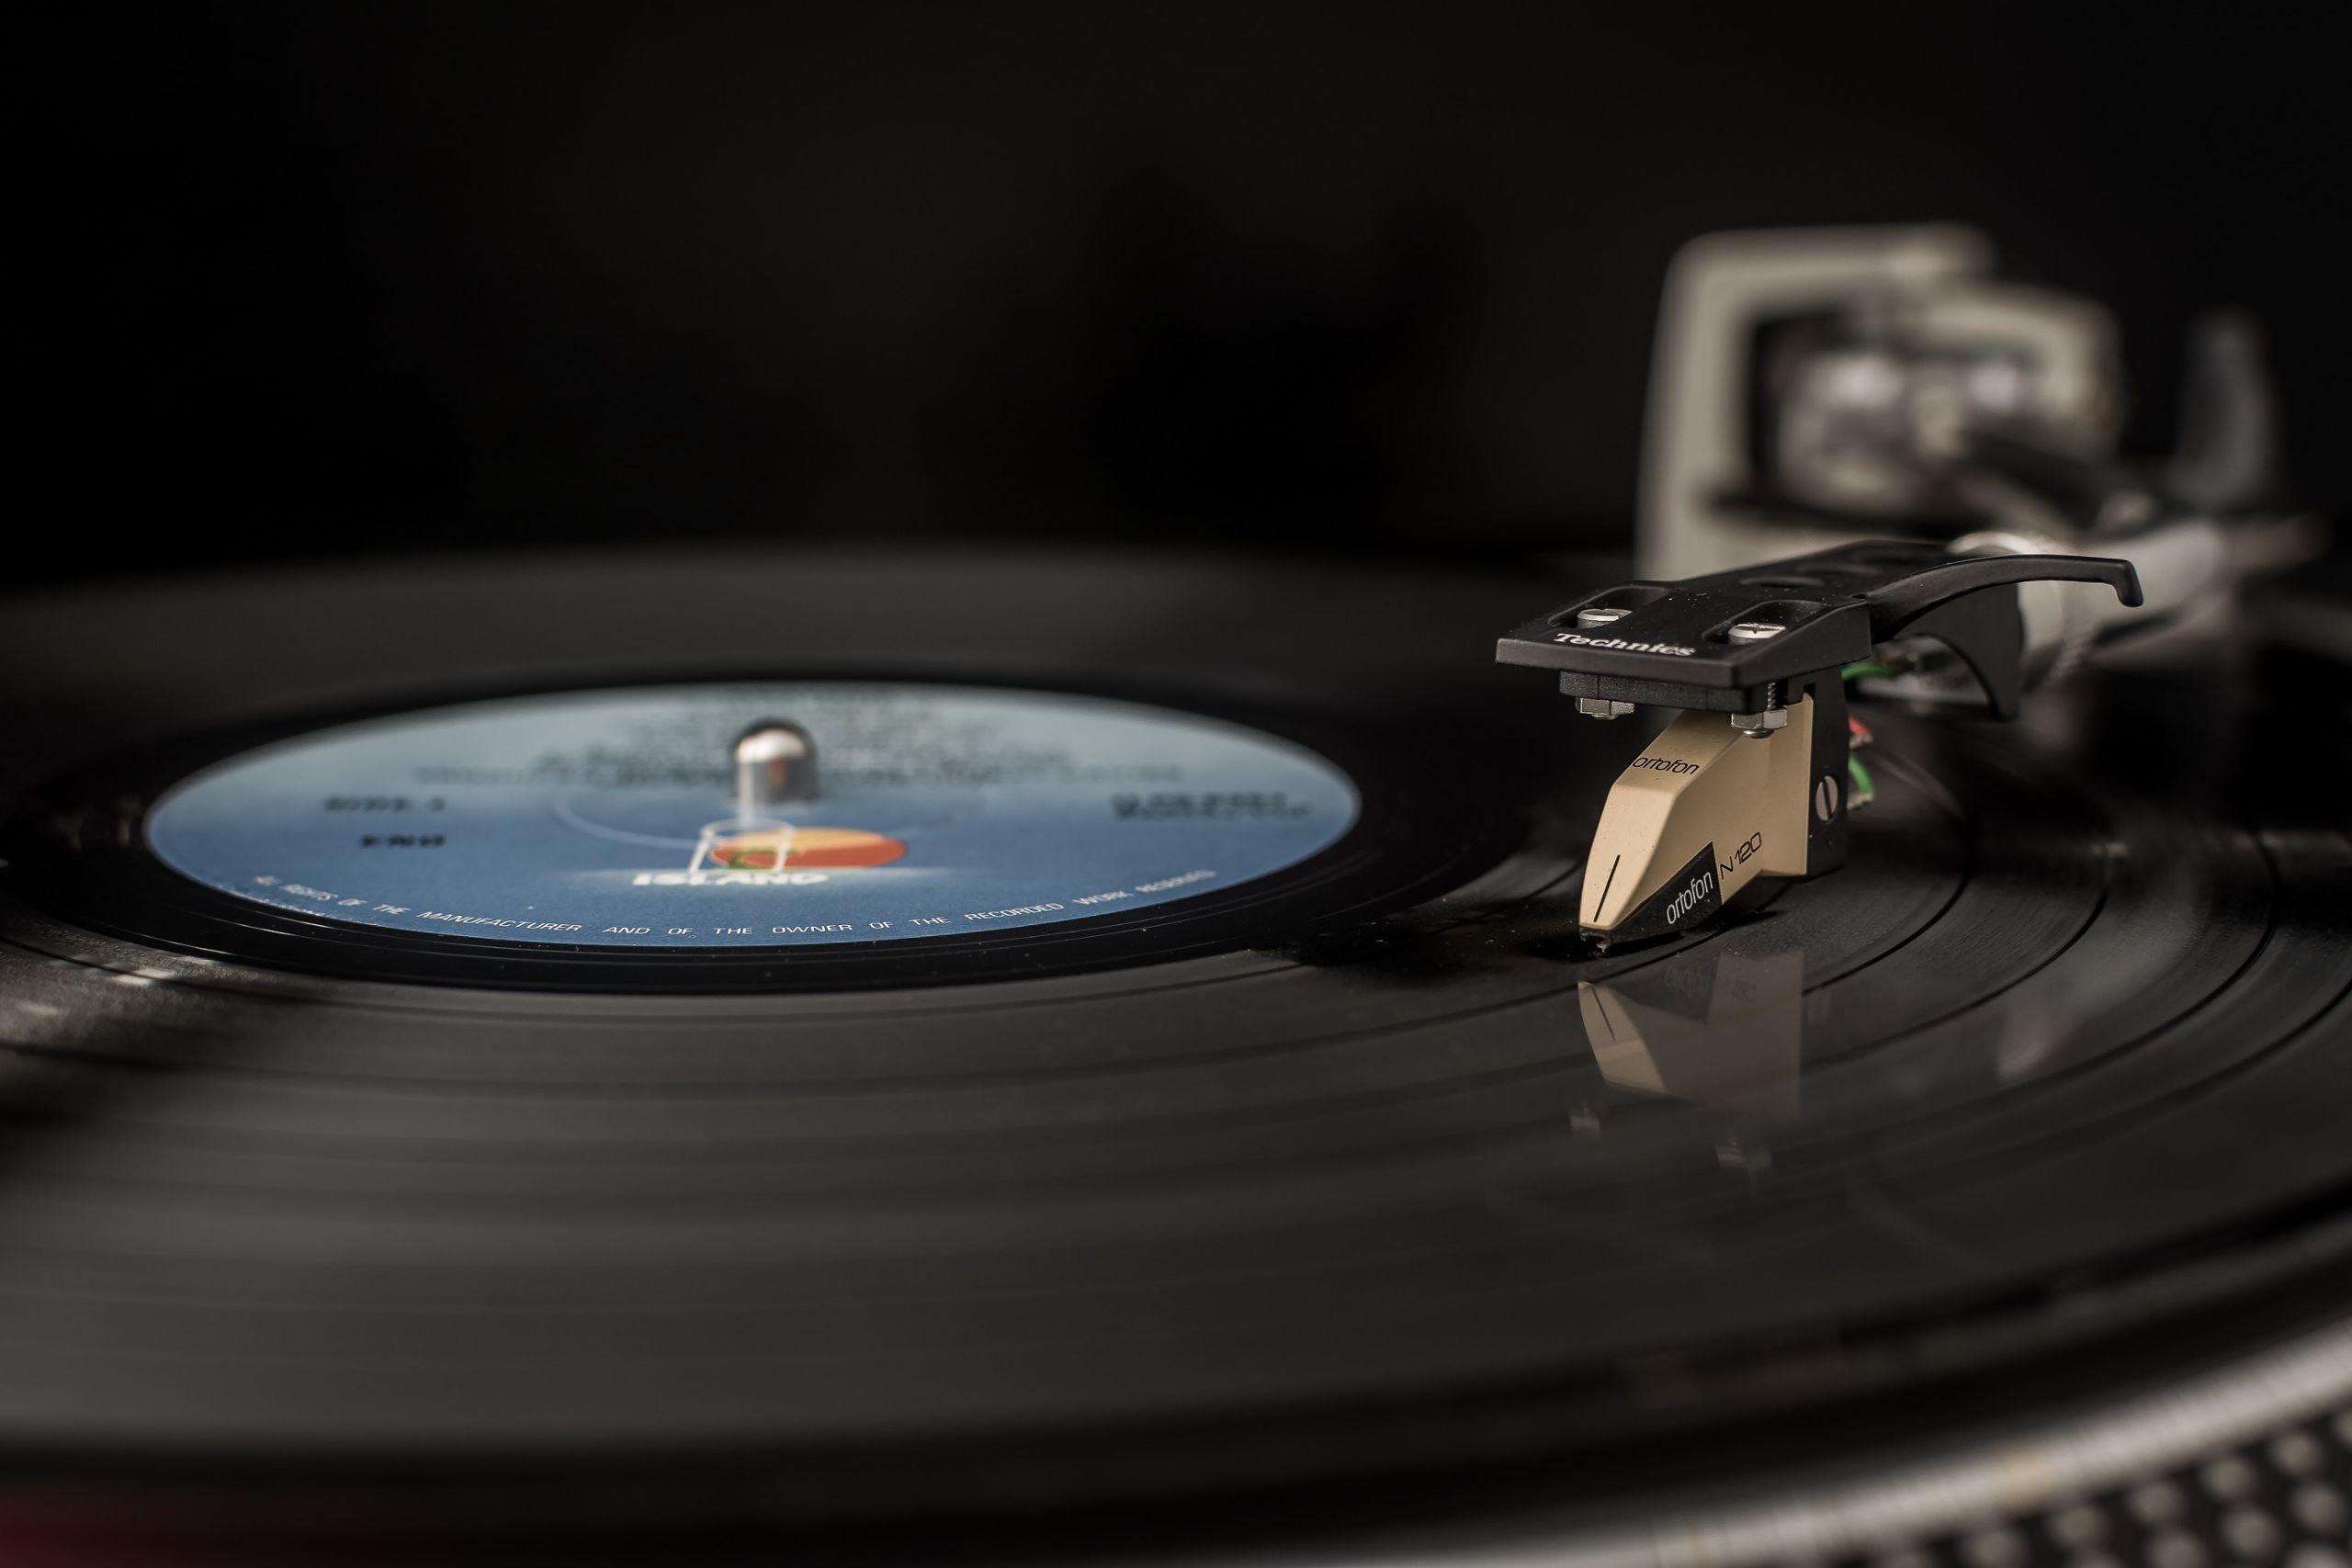 Vinylpladerne er på vej tilbage og leverer konkurrence til CD'er og downloads